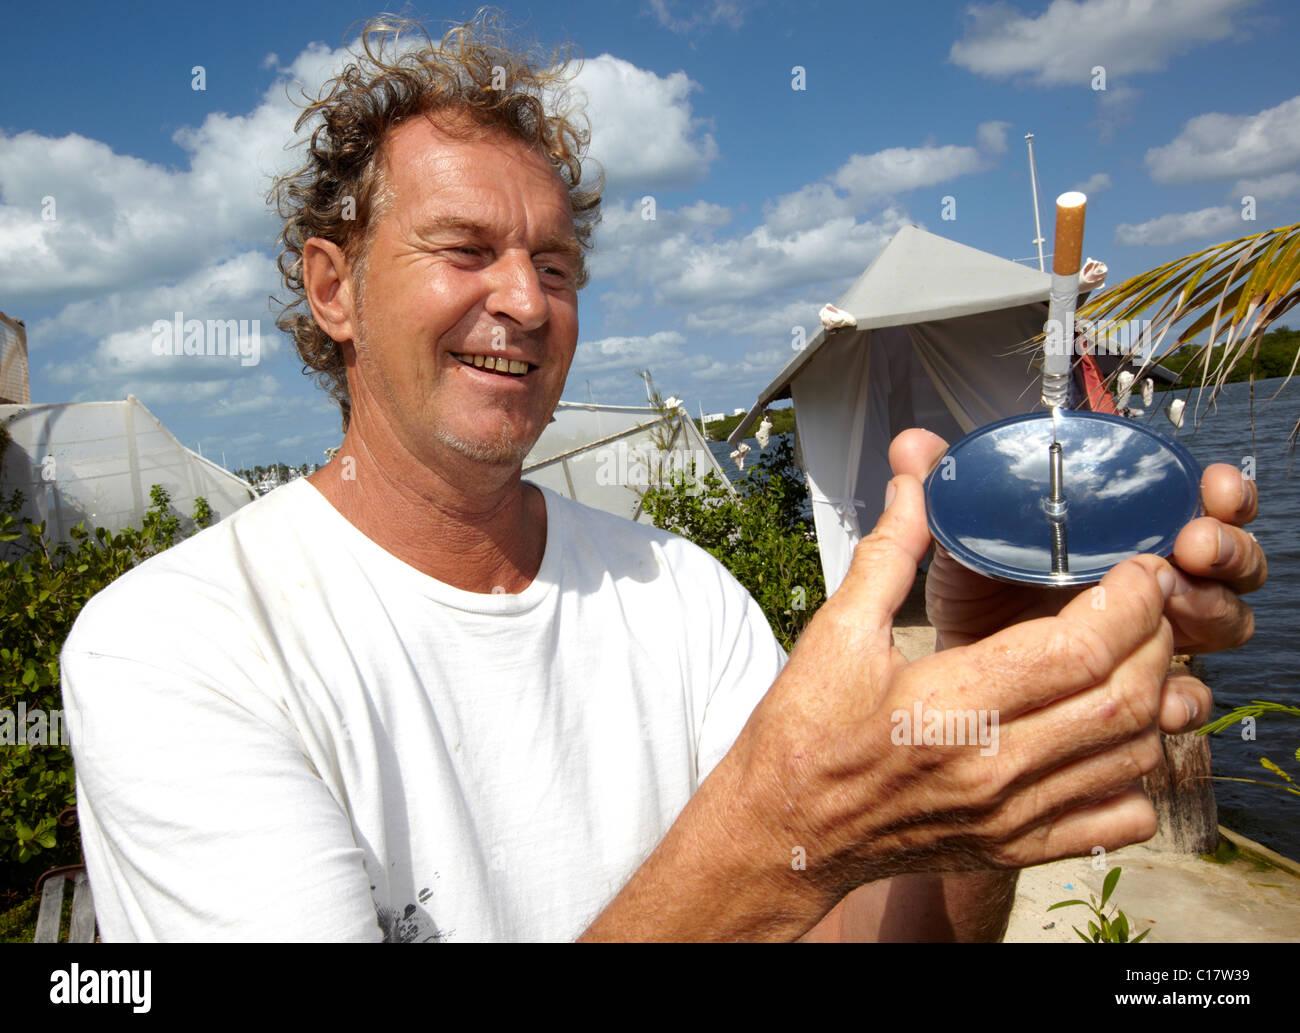 Richard Sowa Bottle Island Isla Mujeres Mexico City Mexico - Stock Image